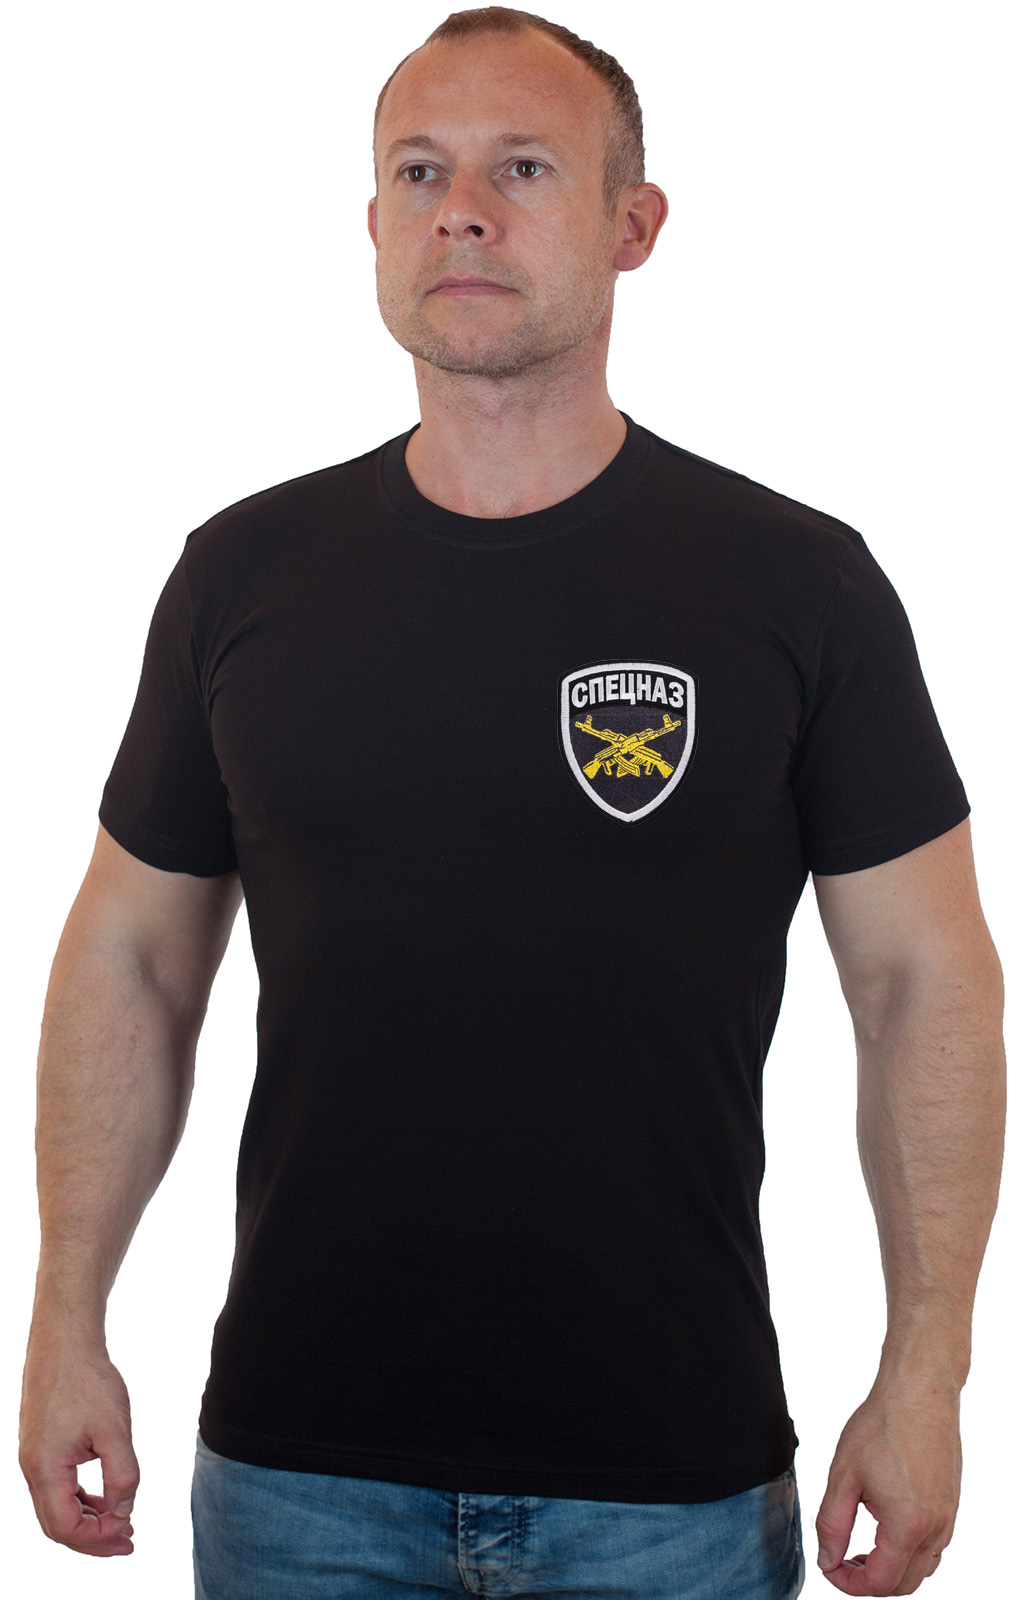 Мужская хлопковая футболка с эмблемой Спецназа